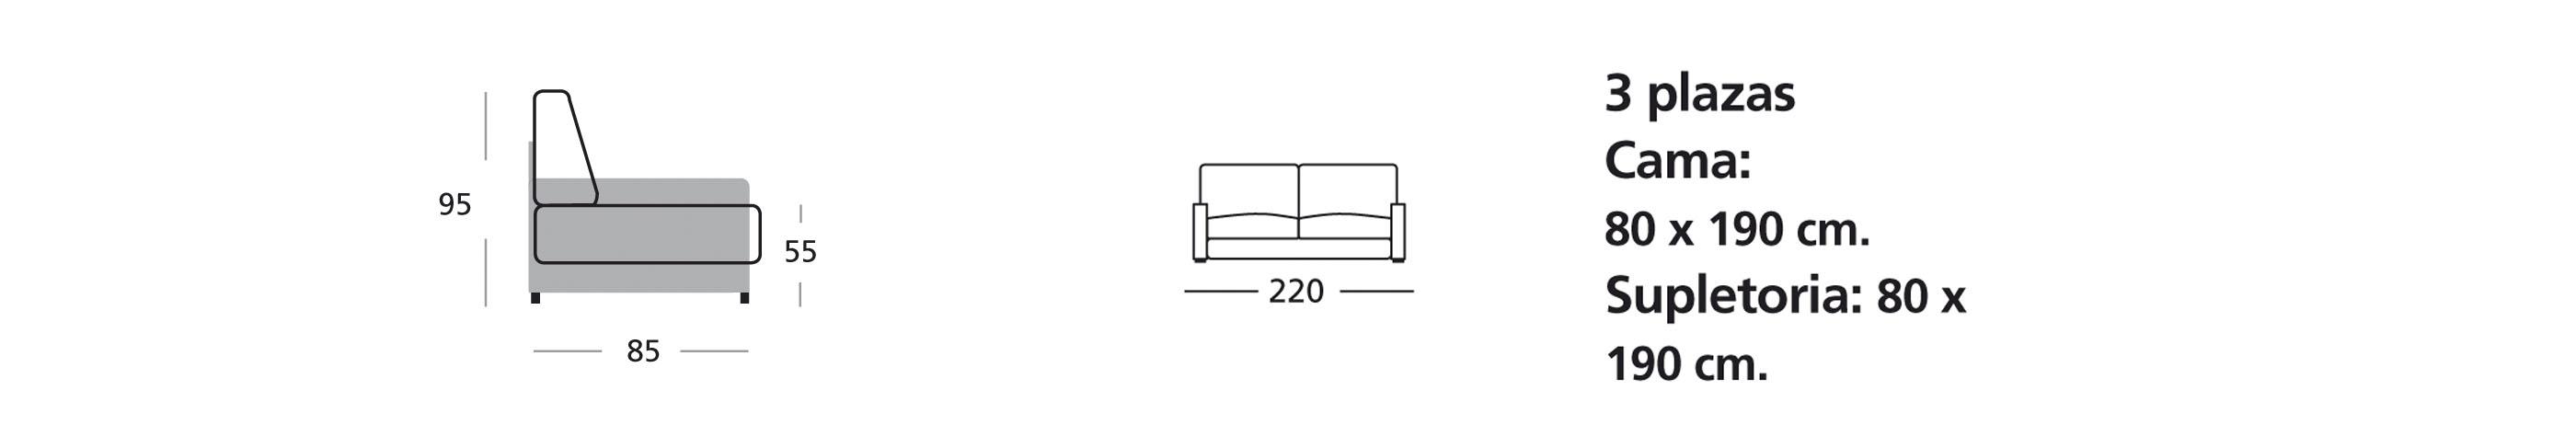 sofá-cama-nancy-técnico